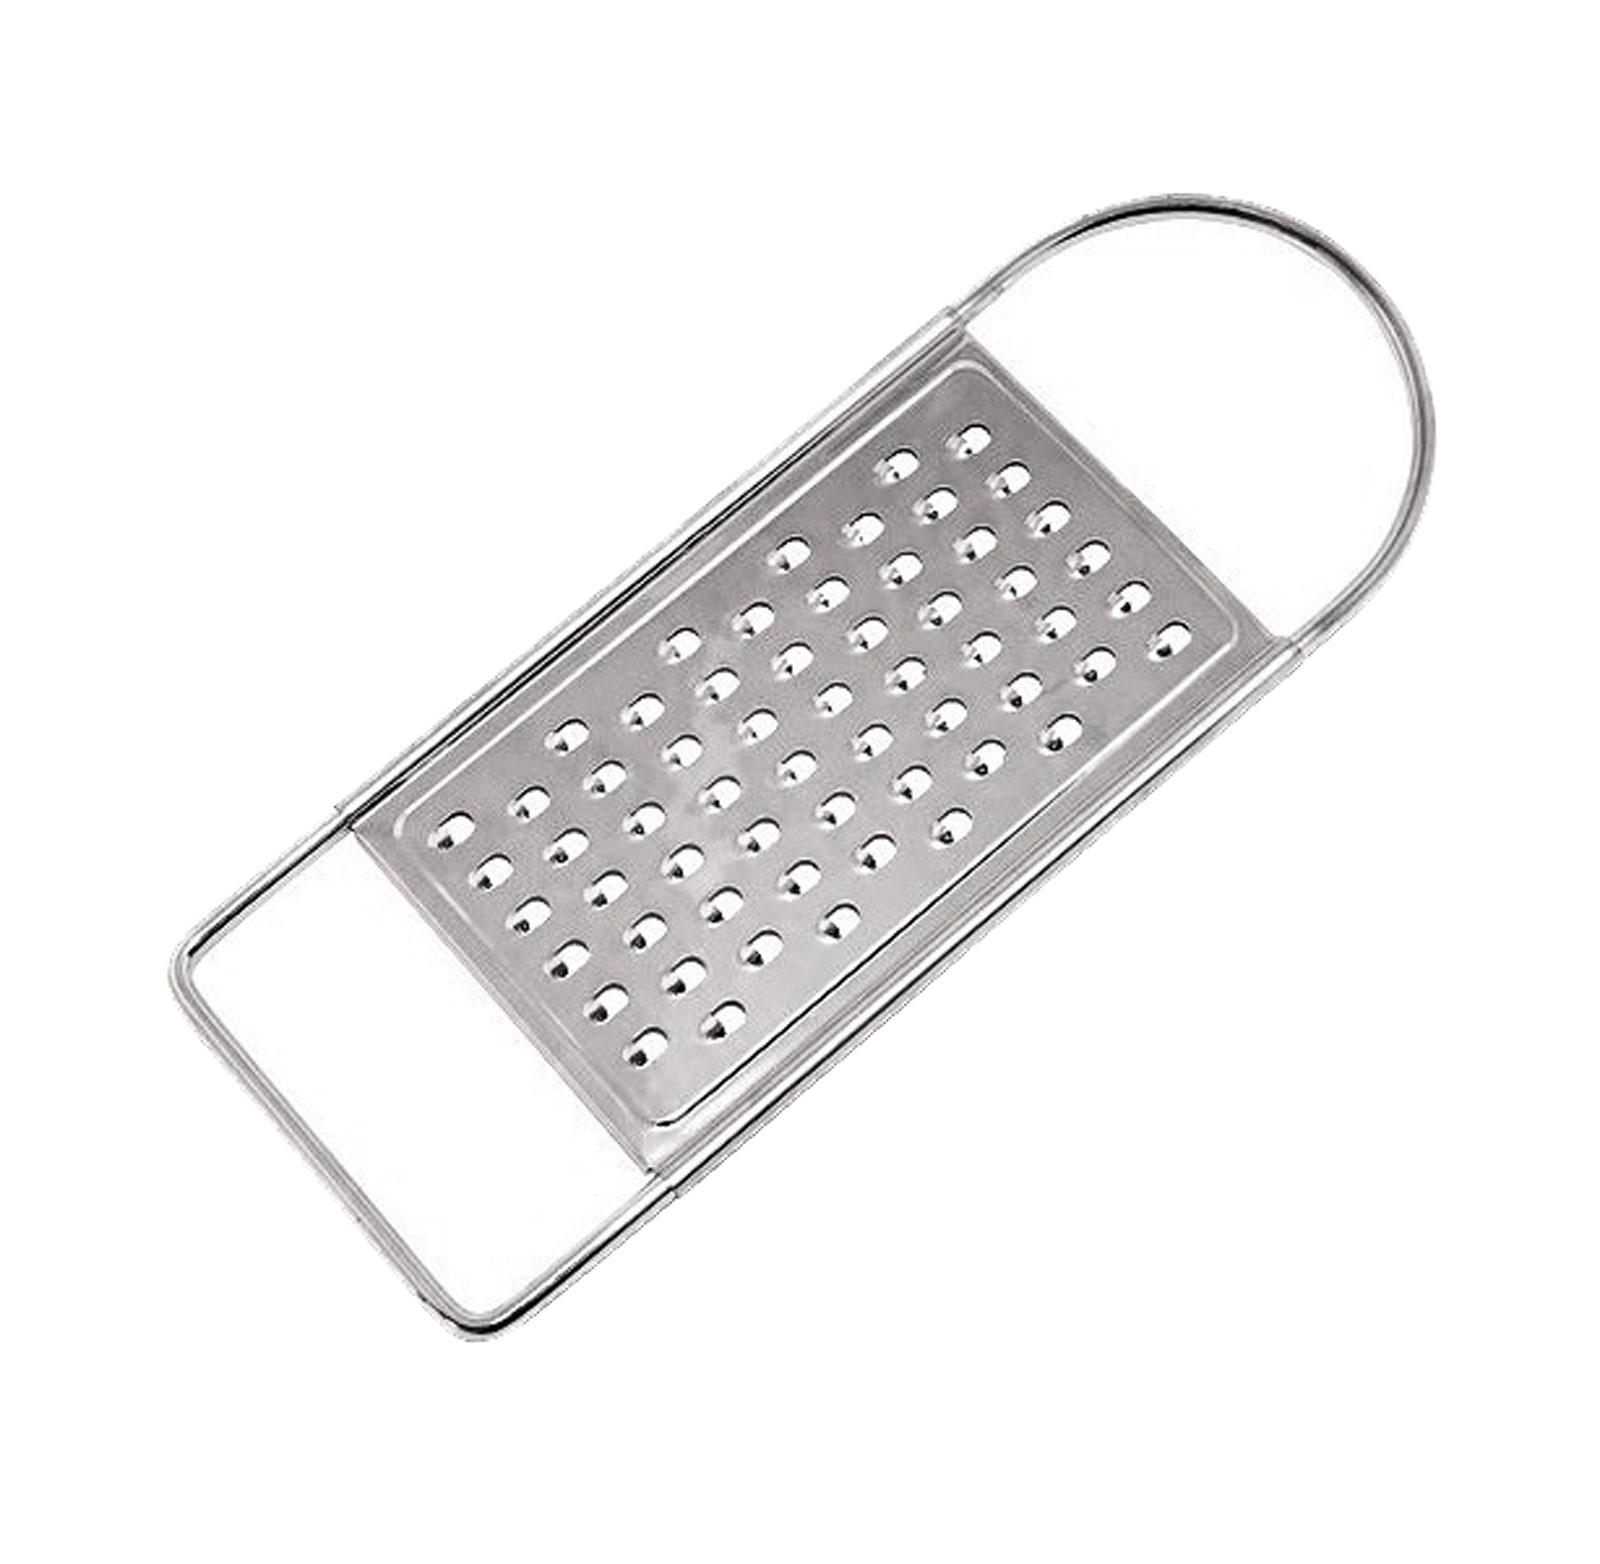 Accessori e articoli vari grattugia 3 usi mercury - Elenco accessori cucina ...